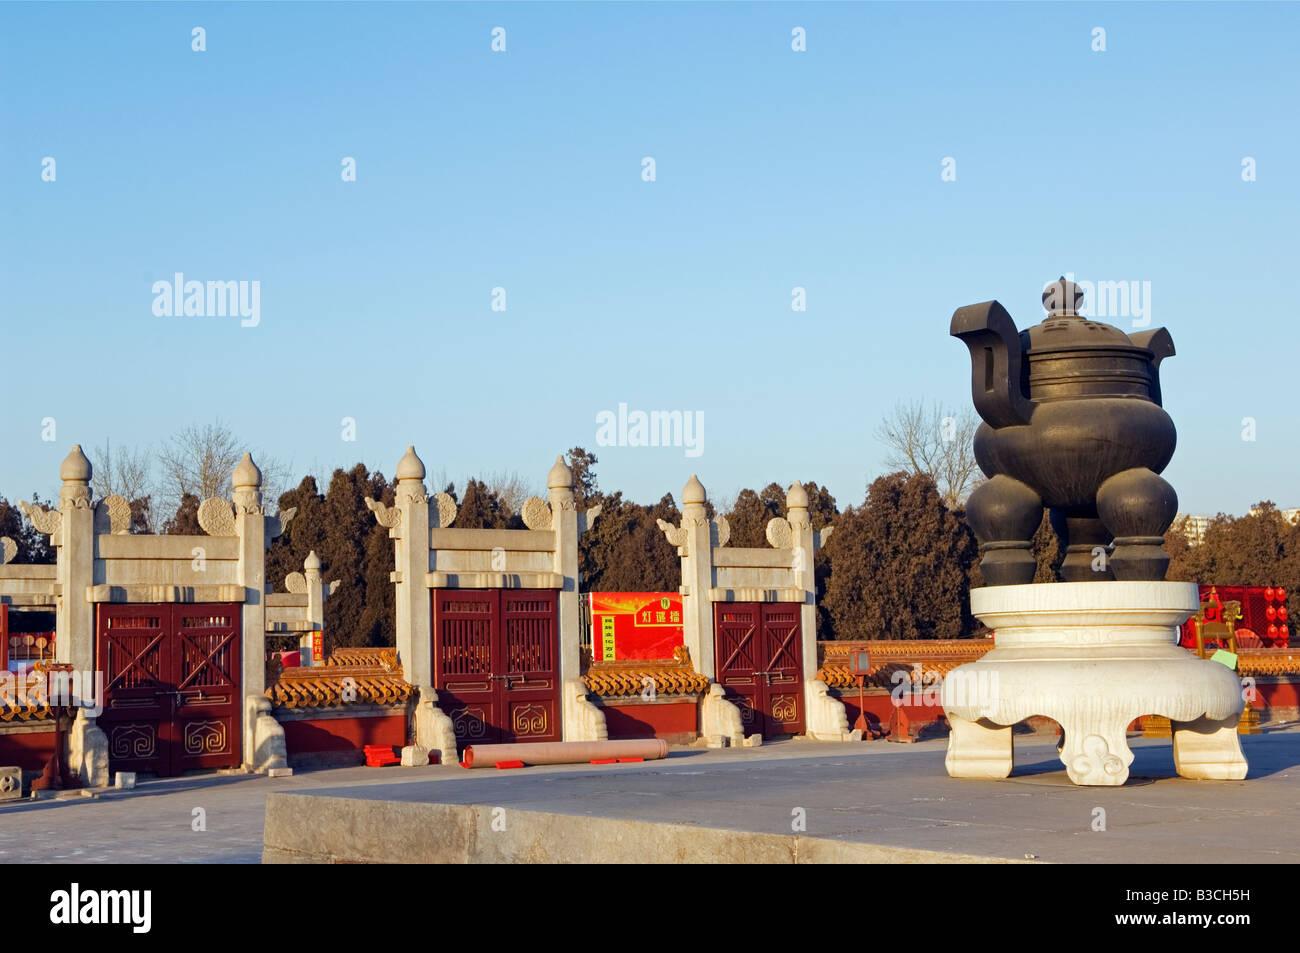 La Chine, Beijing, le Parc Ditan. Les portes du temple et monument. Banque D'Images